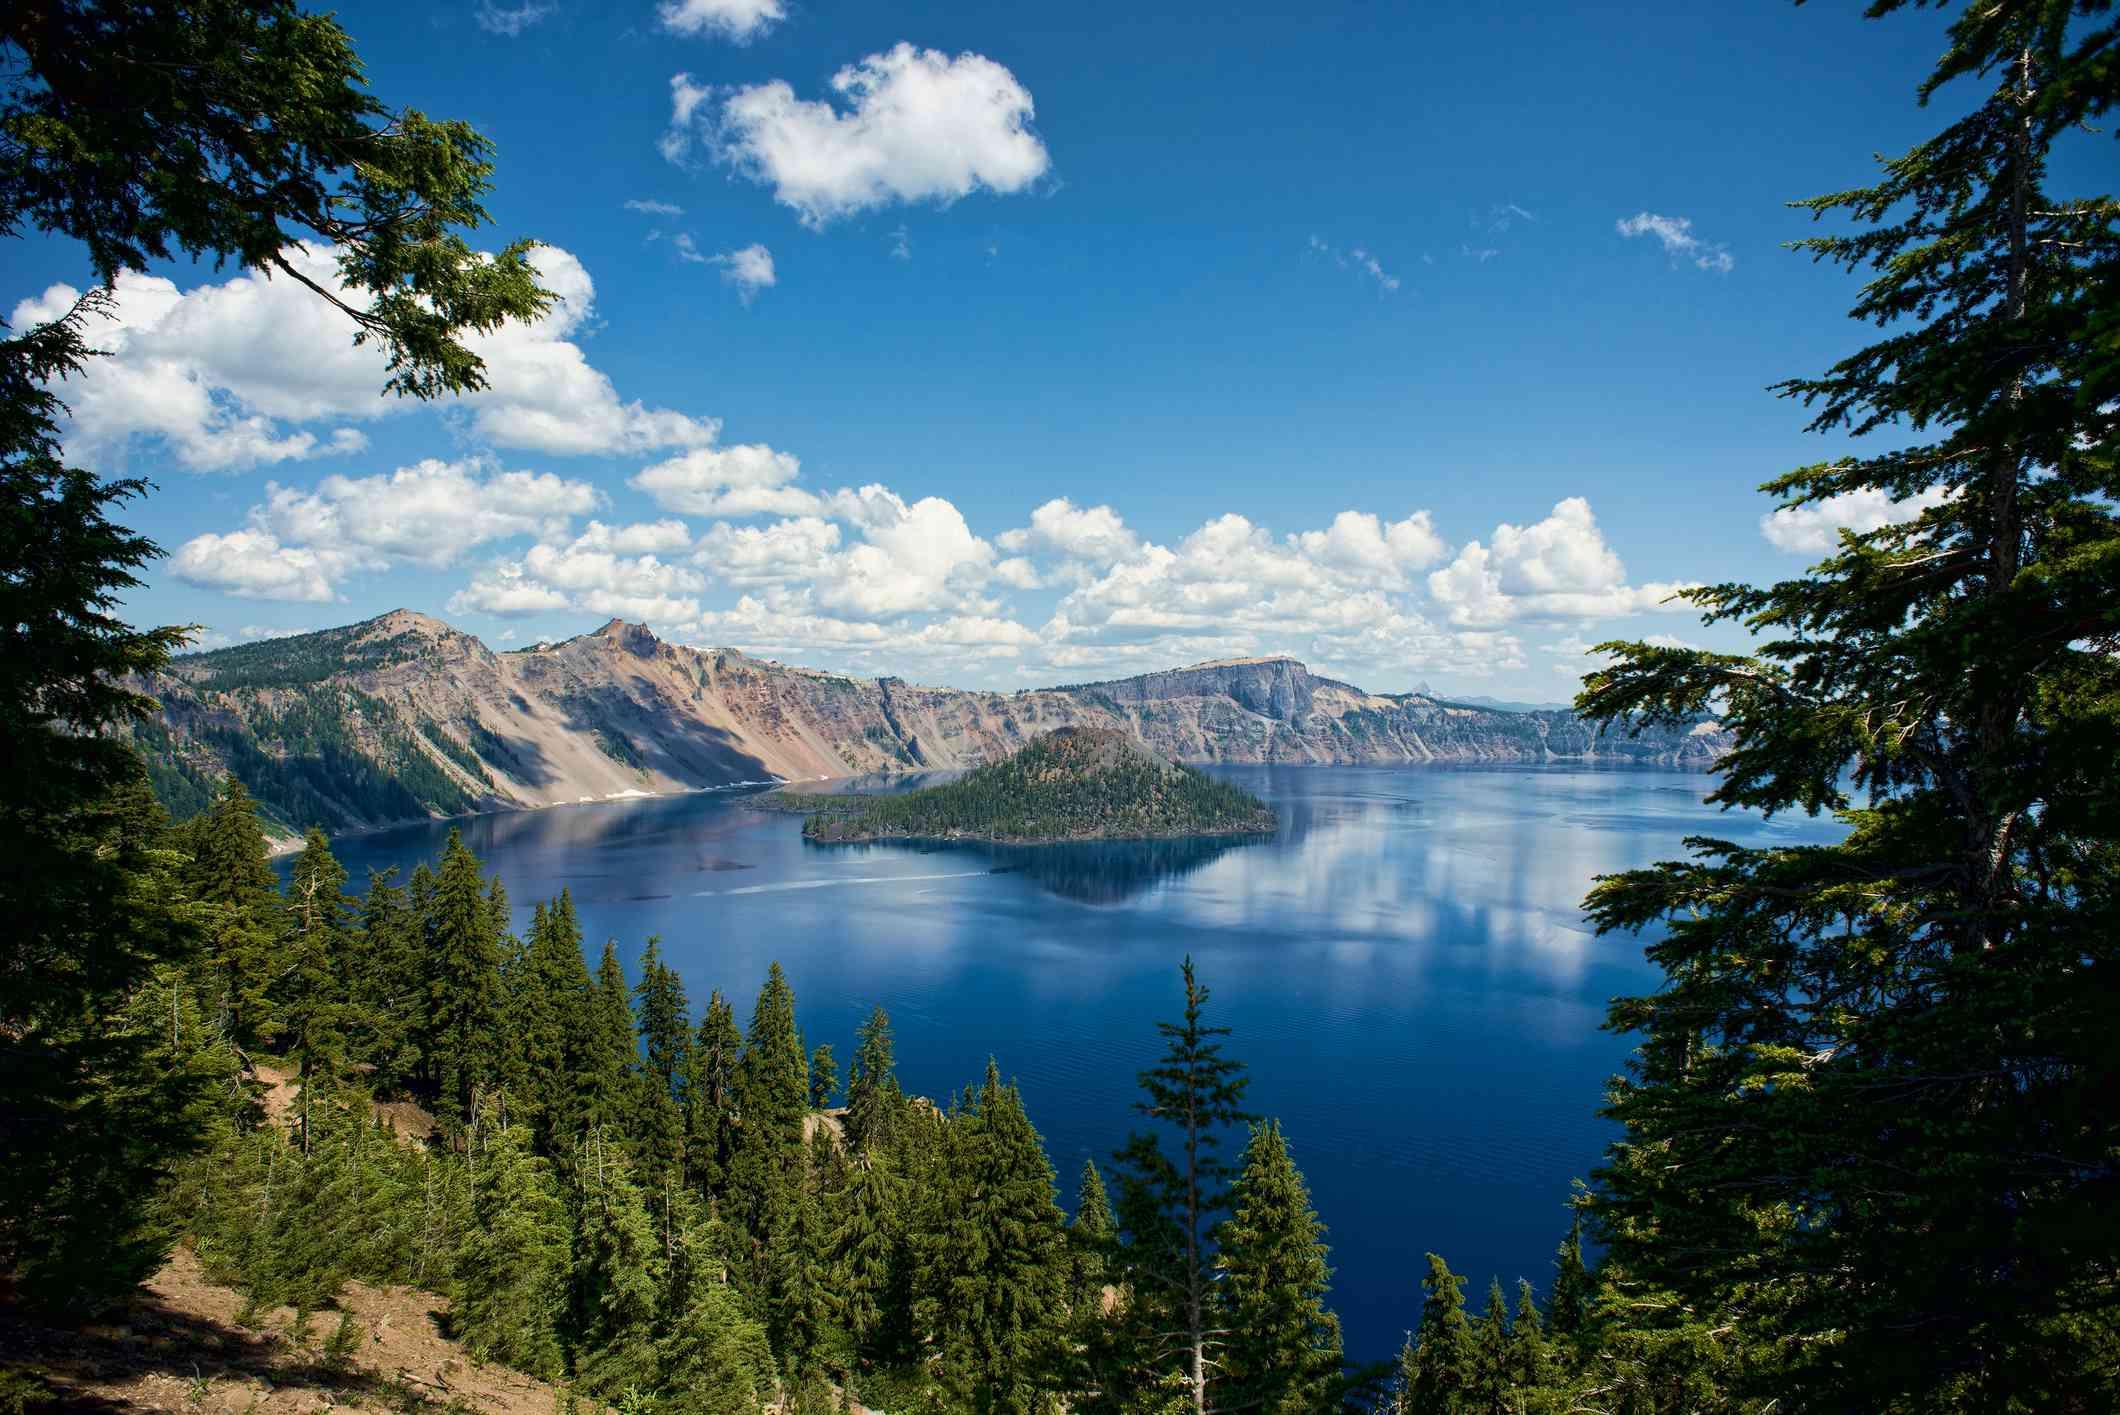 Vista panorámica del lago del cráter contra el cielo azul